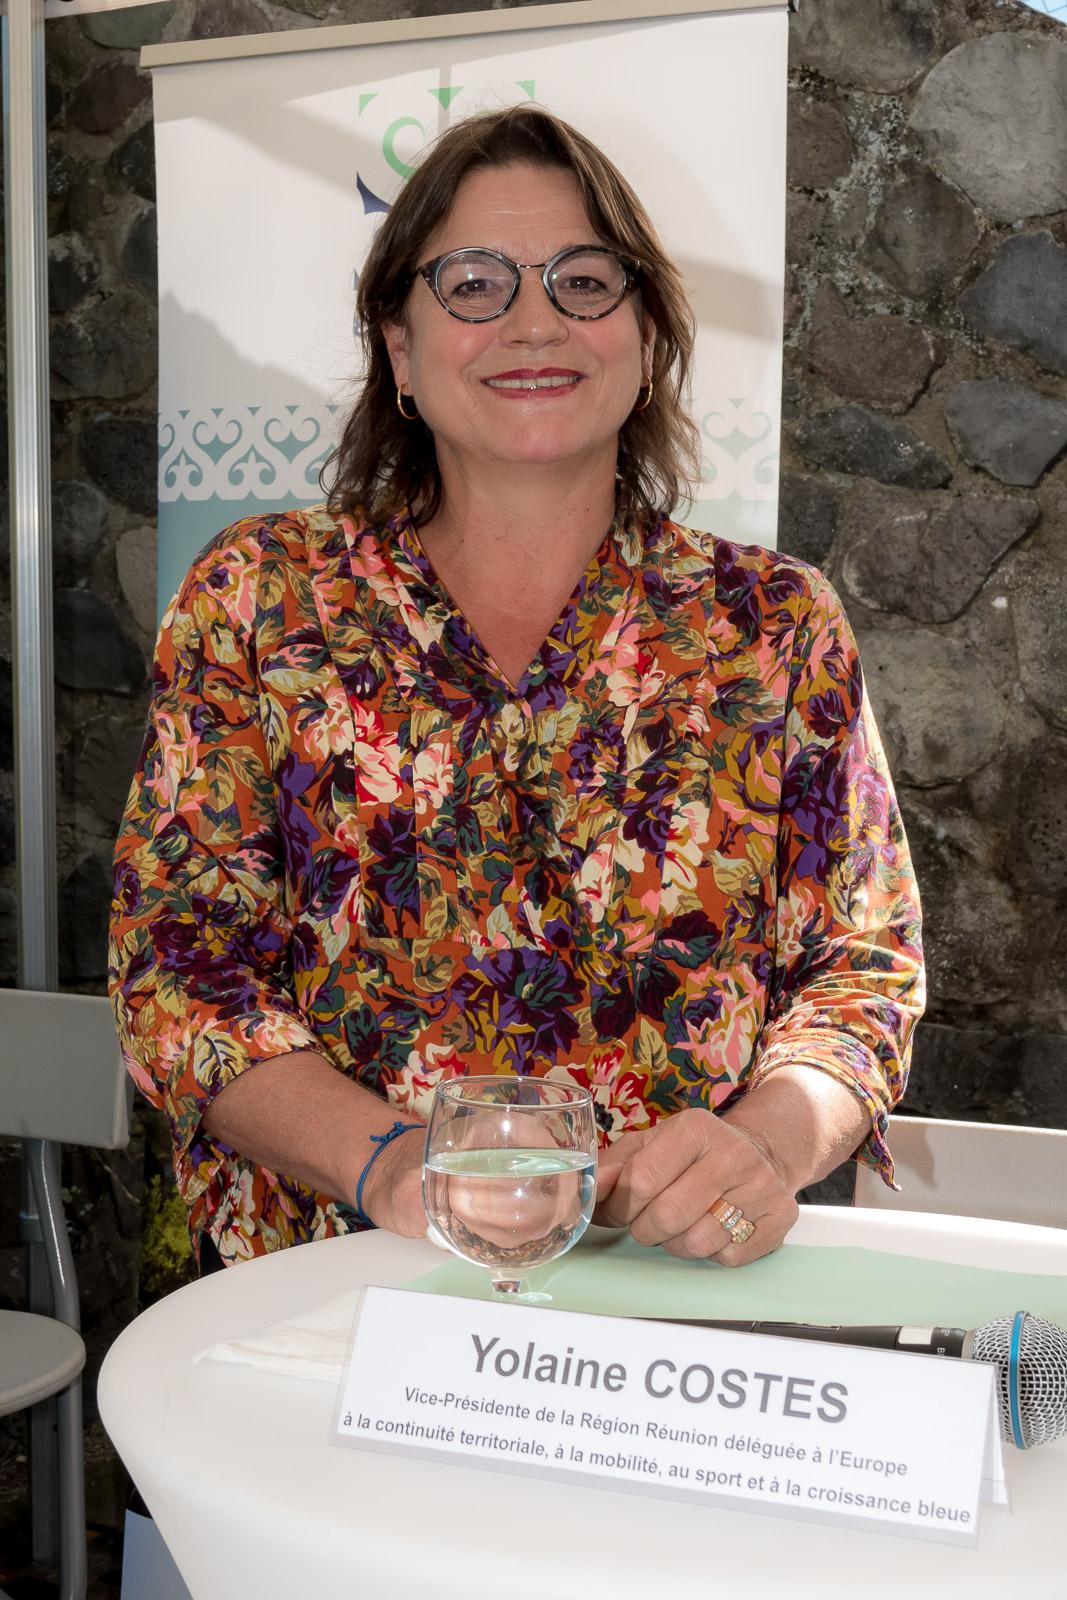 Yolaine Costes, vice-présidente déléguée au sport et à la croissance bleue